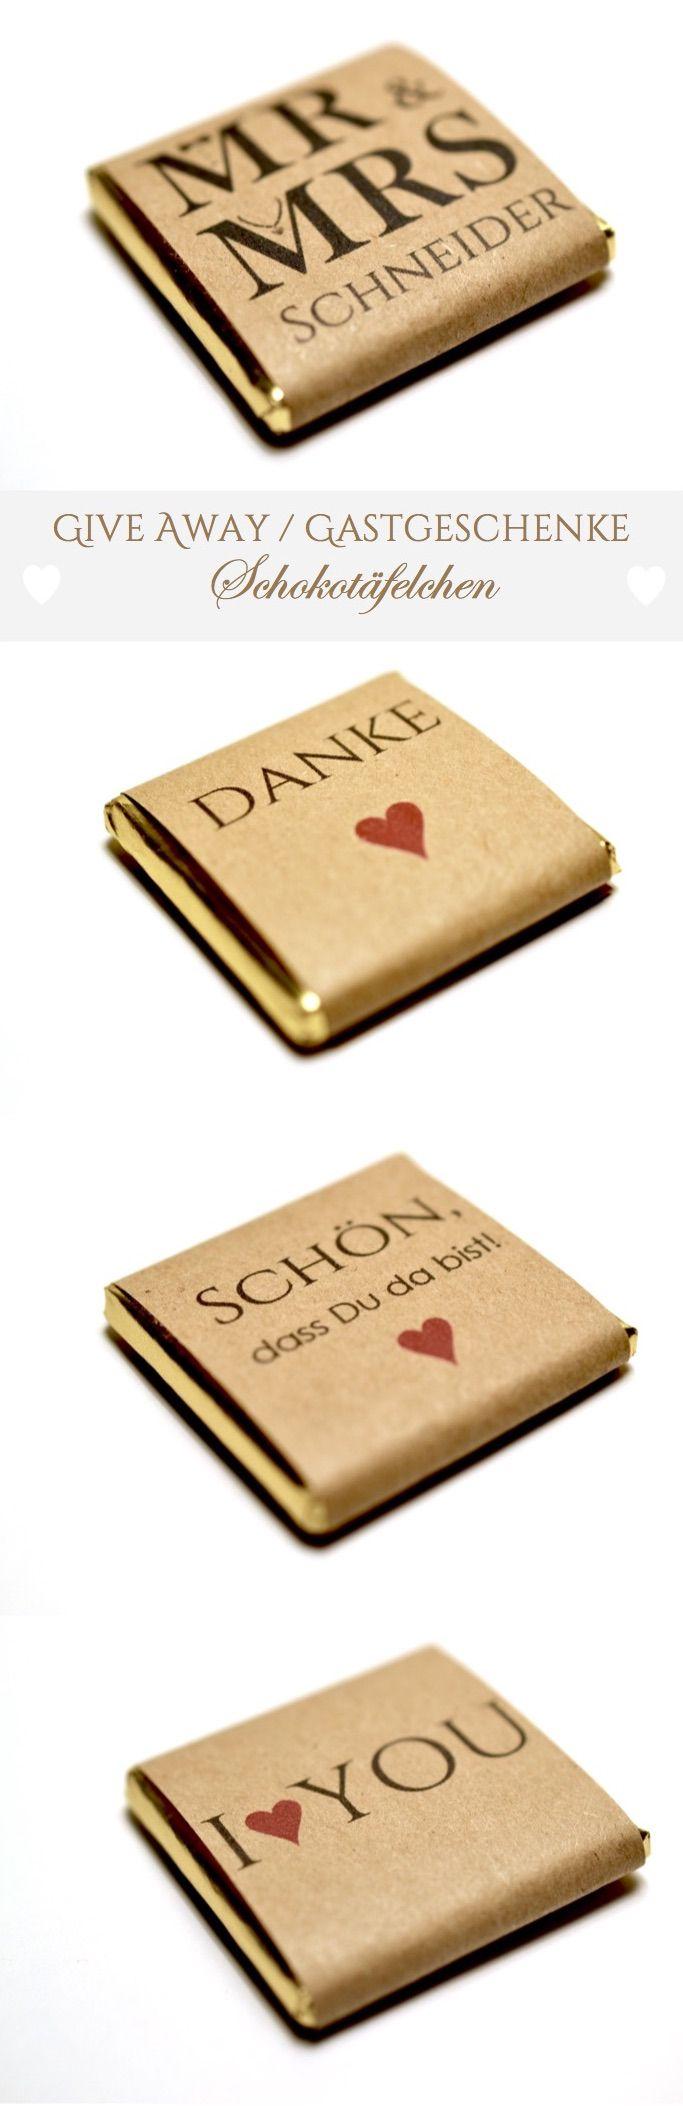 Gastgeschenke / Give Aways - zur Hochzeit - Schokoladentäfelchen 5g - 3 Sorten zur Wahl - Zartbitter - Vollmilch oder weiße Schokolade